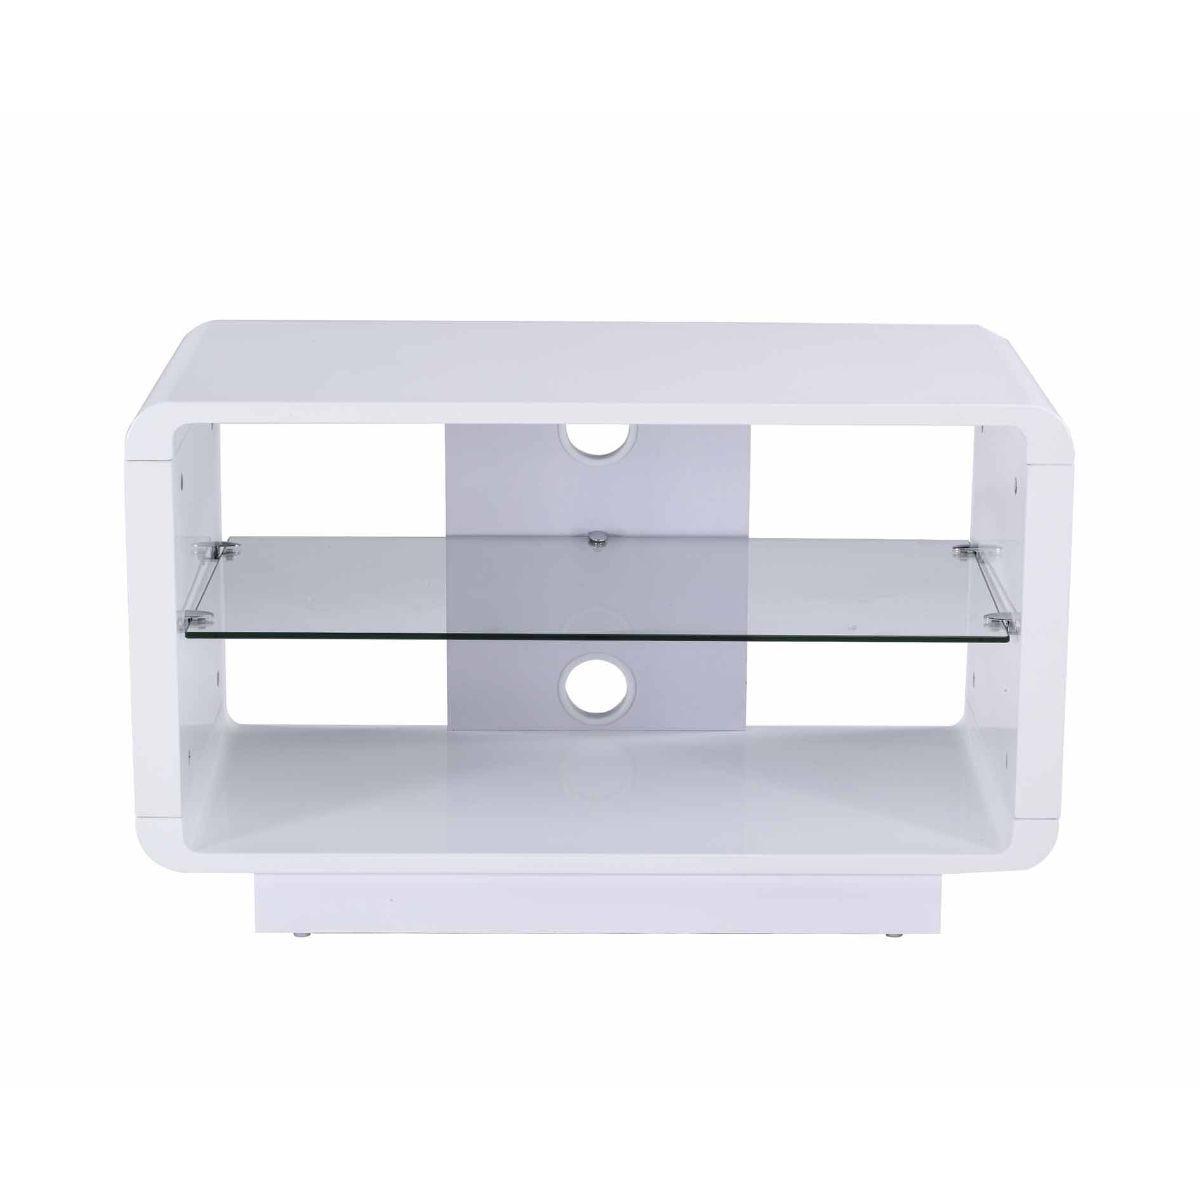 Alphason Luna 800 TV Stand, White